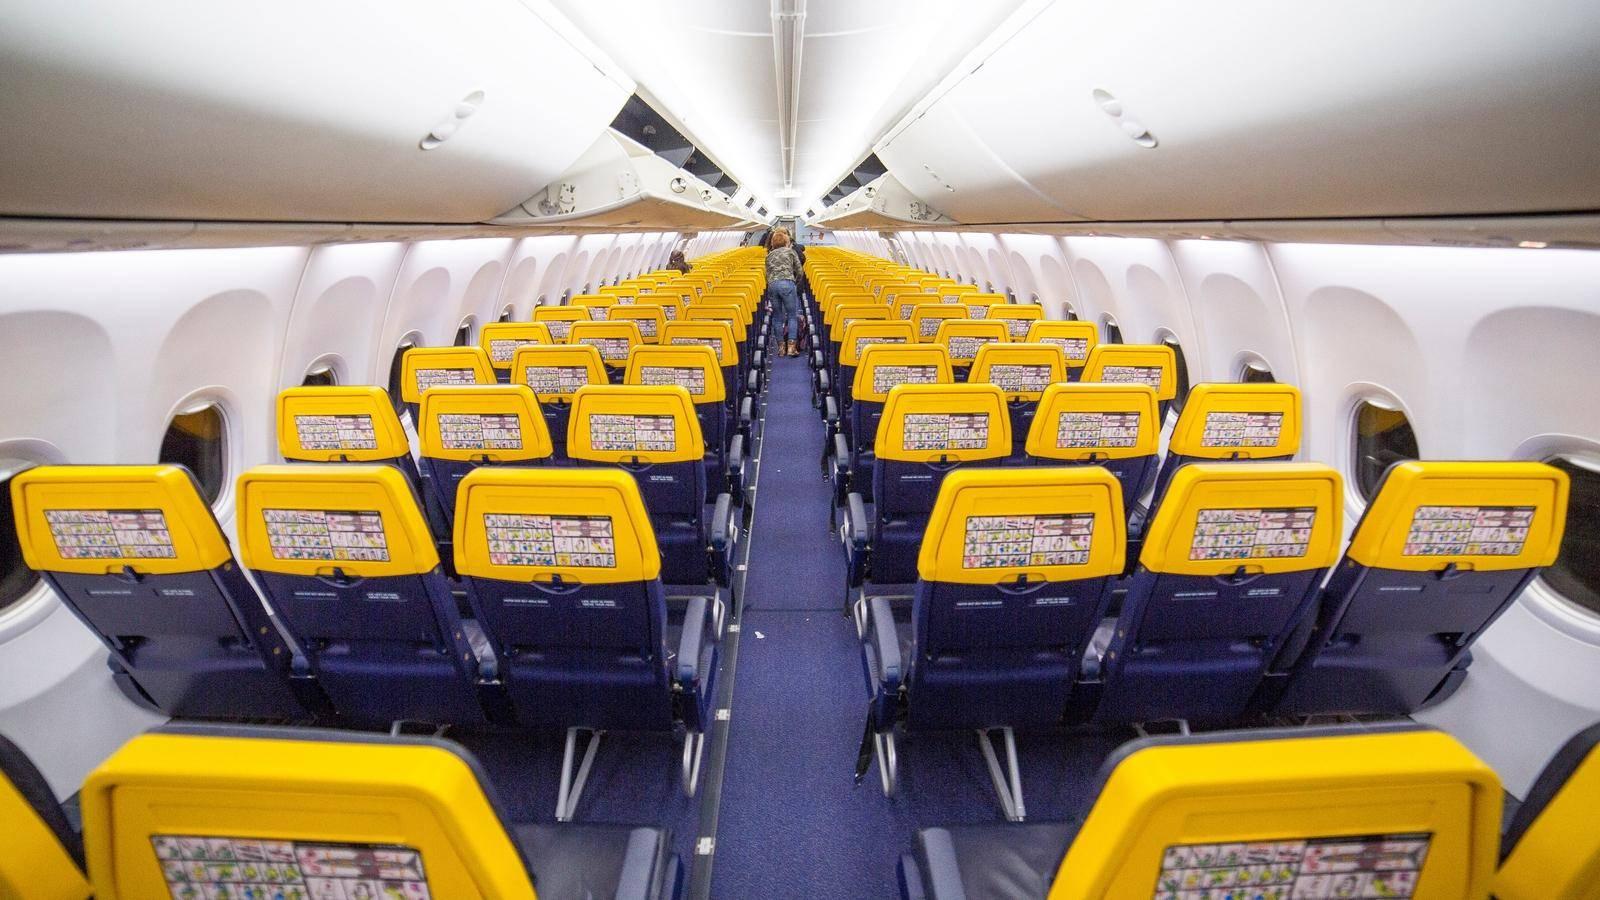 Лоукостеры: что это такое и как работают бюджетные авиакомпании